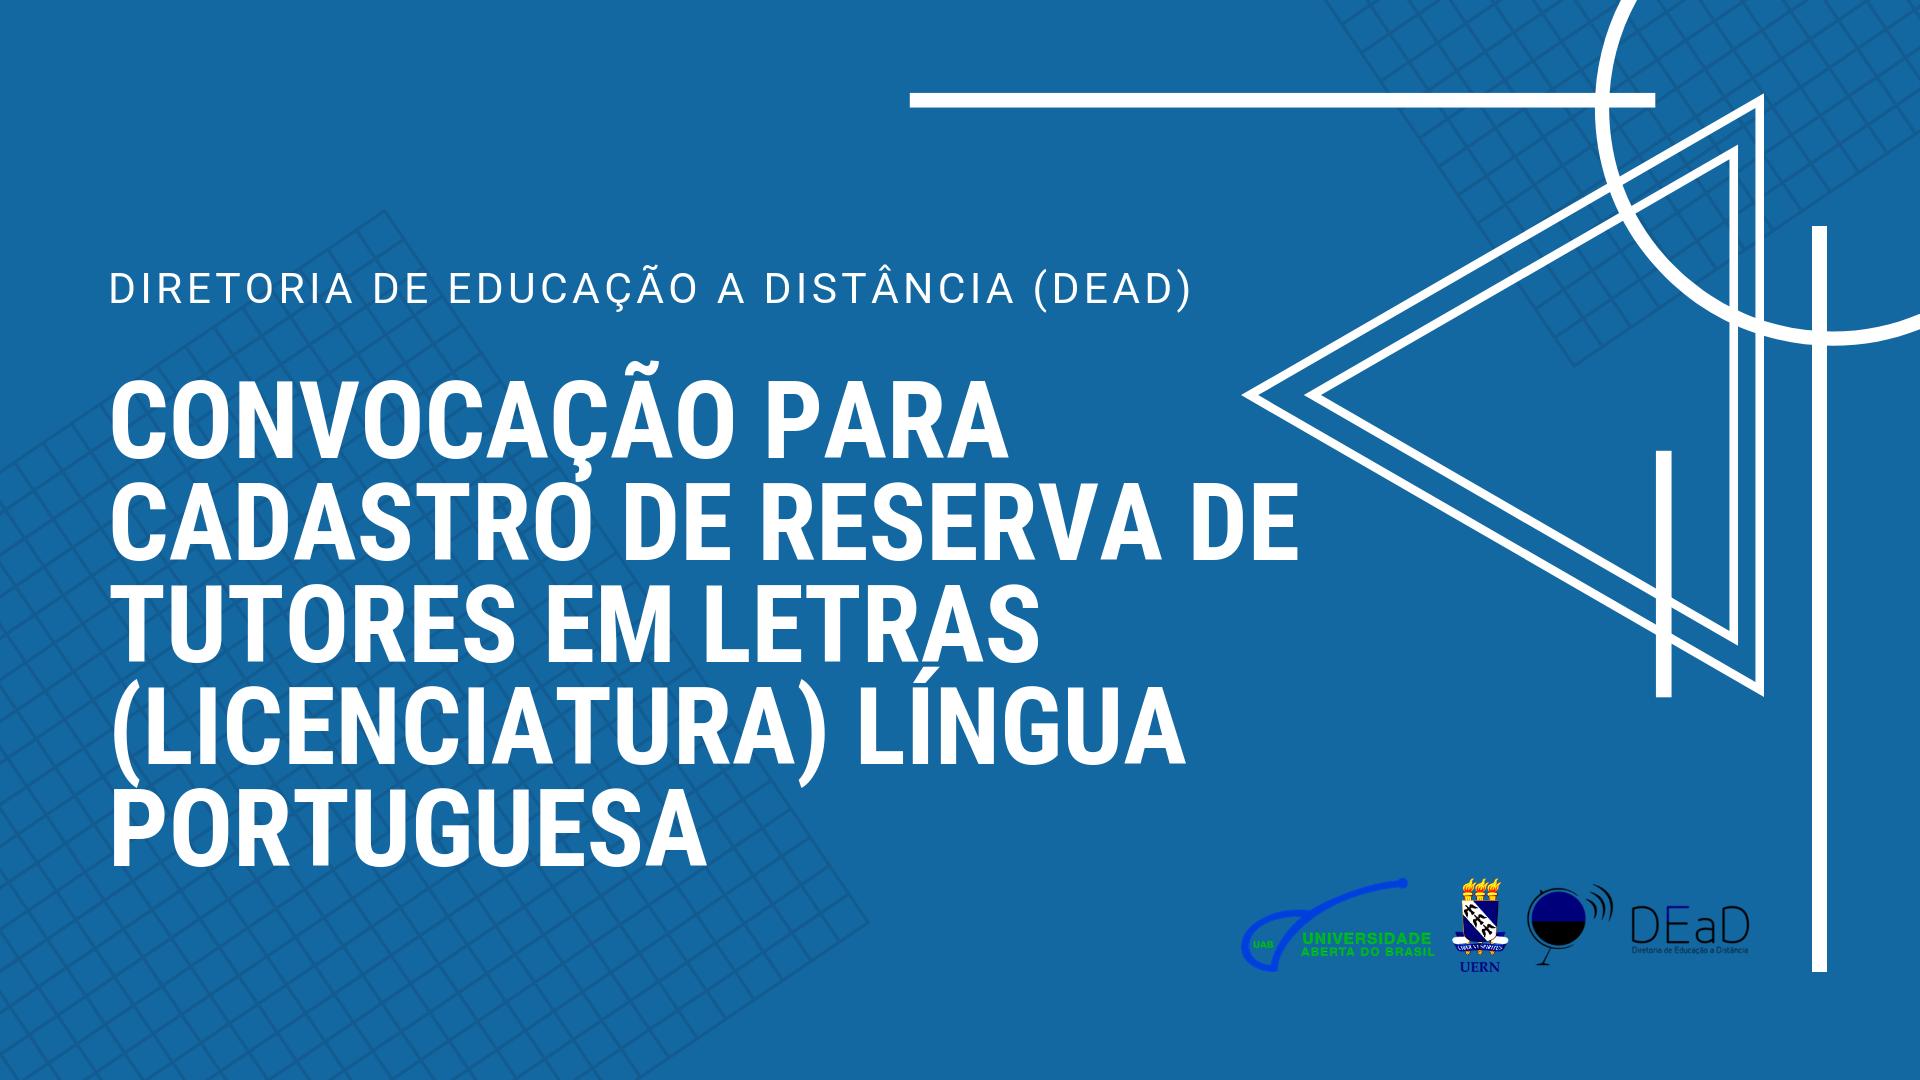 DIRETORIA DE EDUCAÇÃO A DISTÂNCIA (DEad)